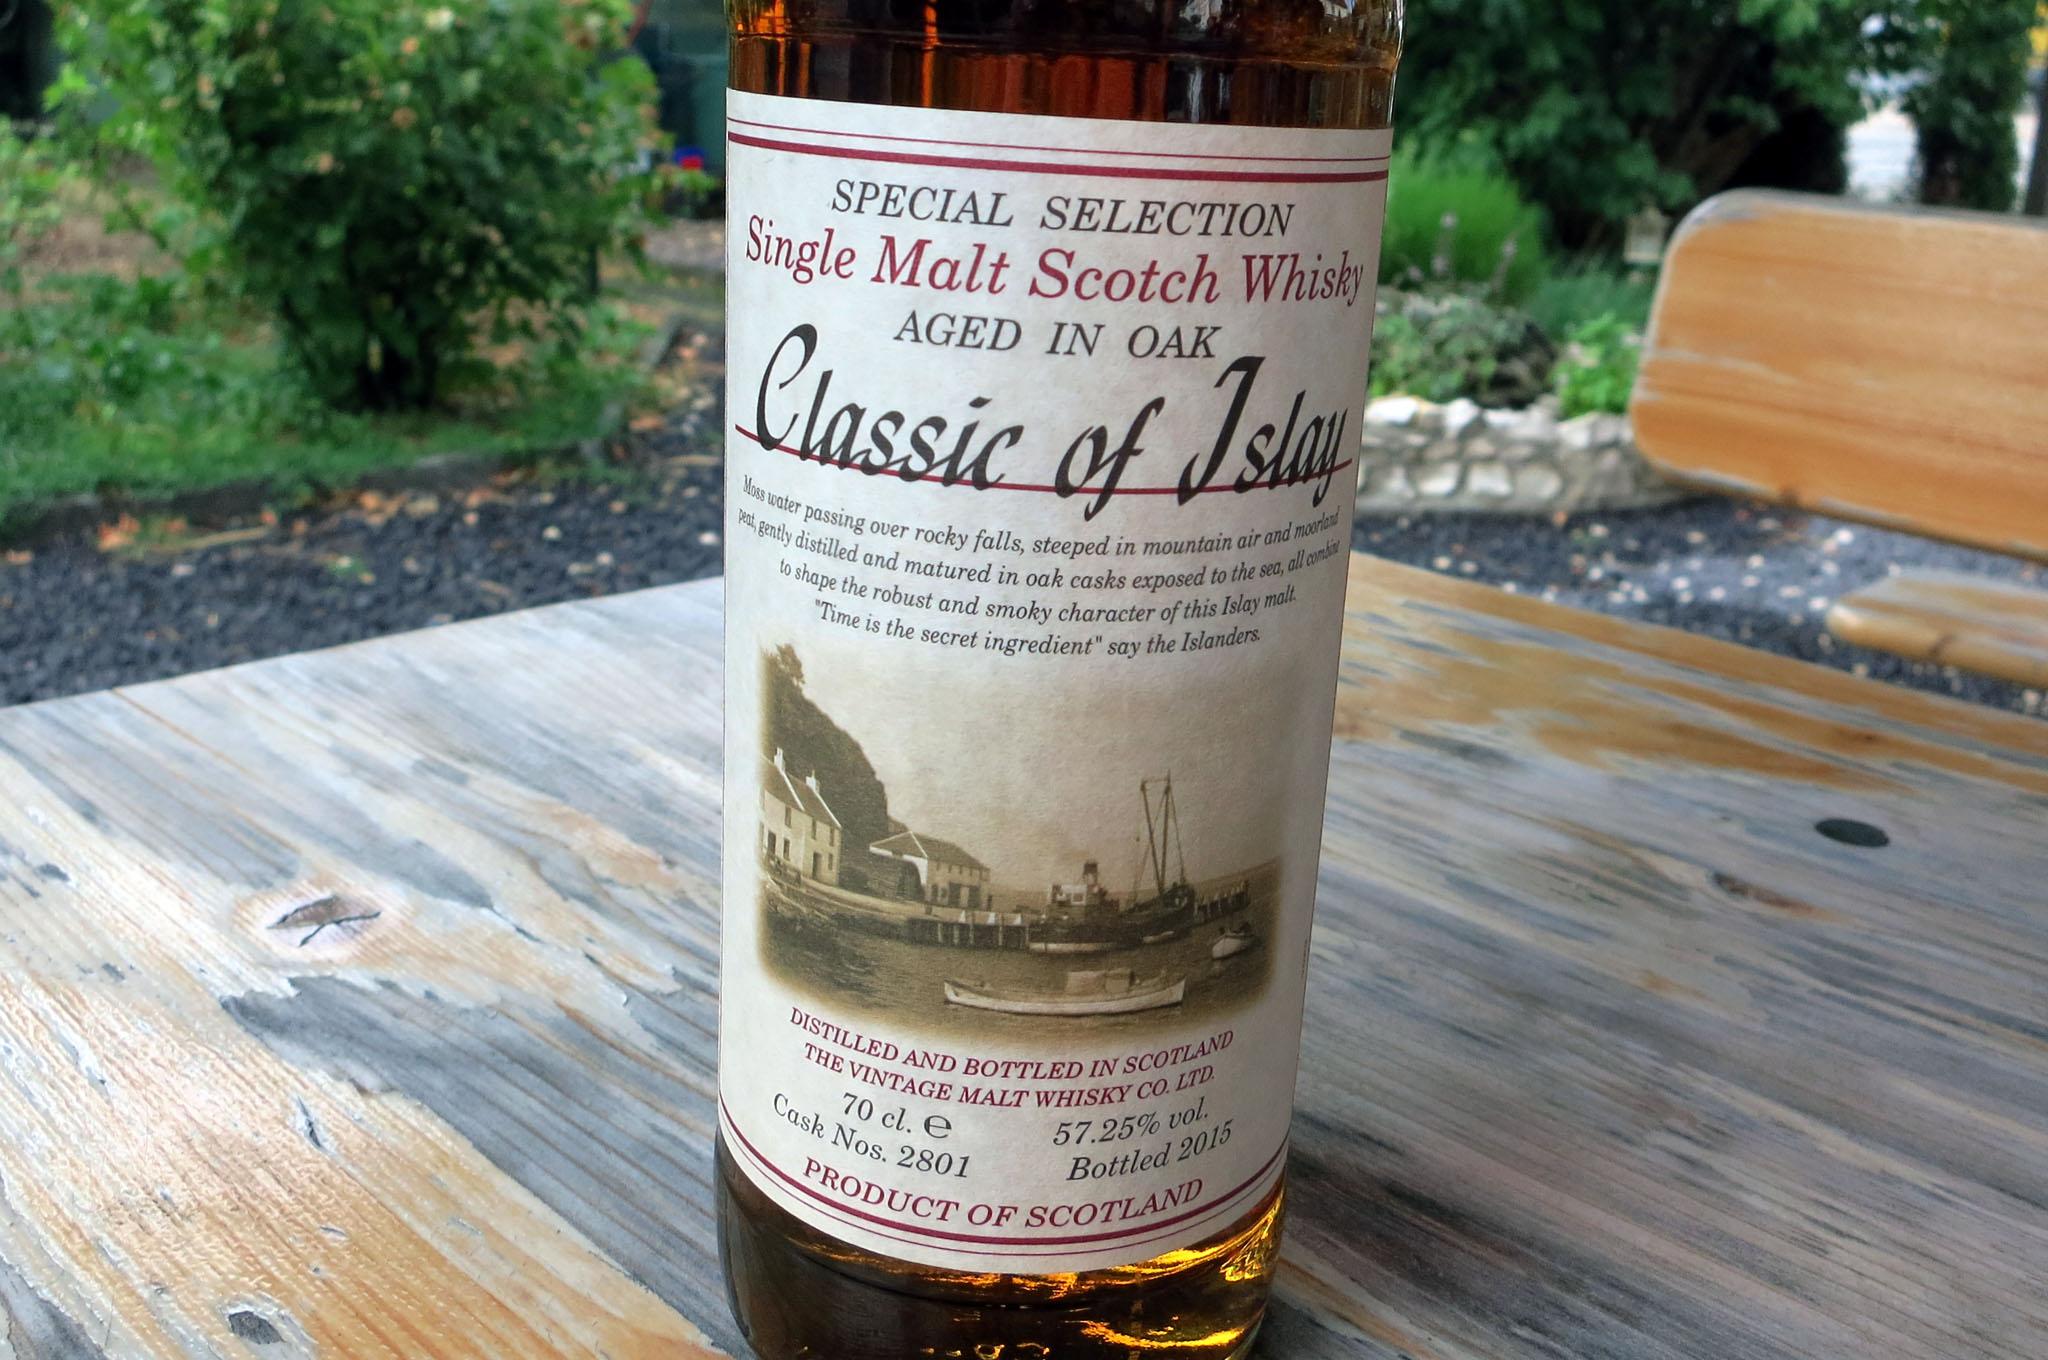 Classics of Islay, Cask 2801